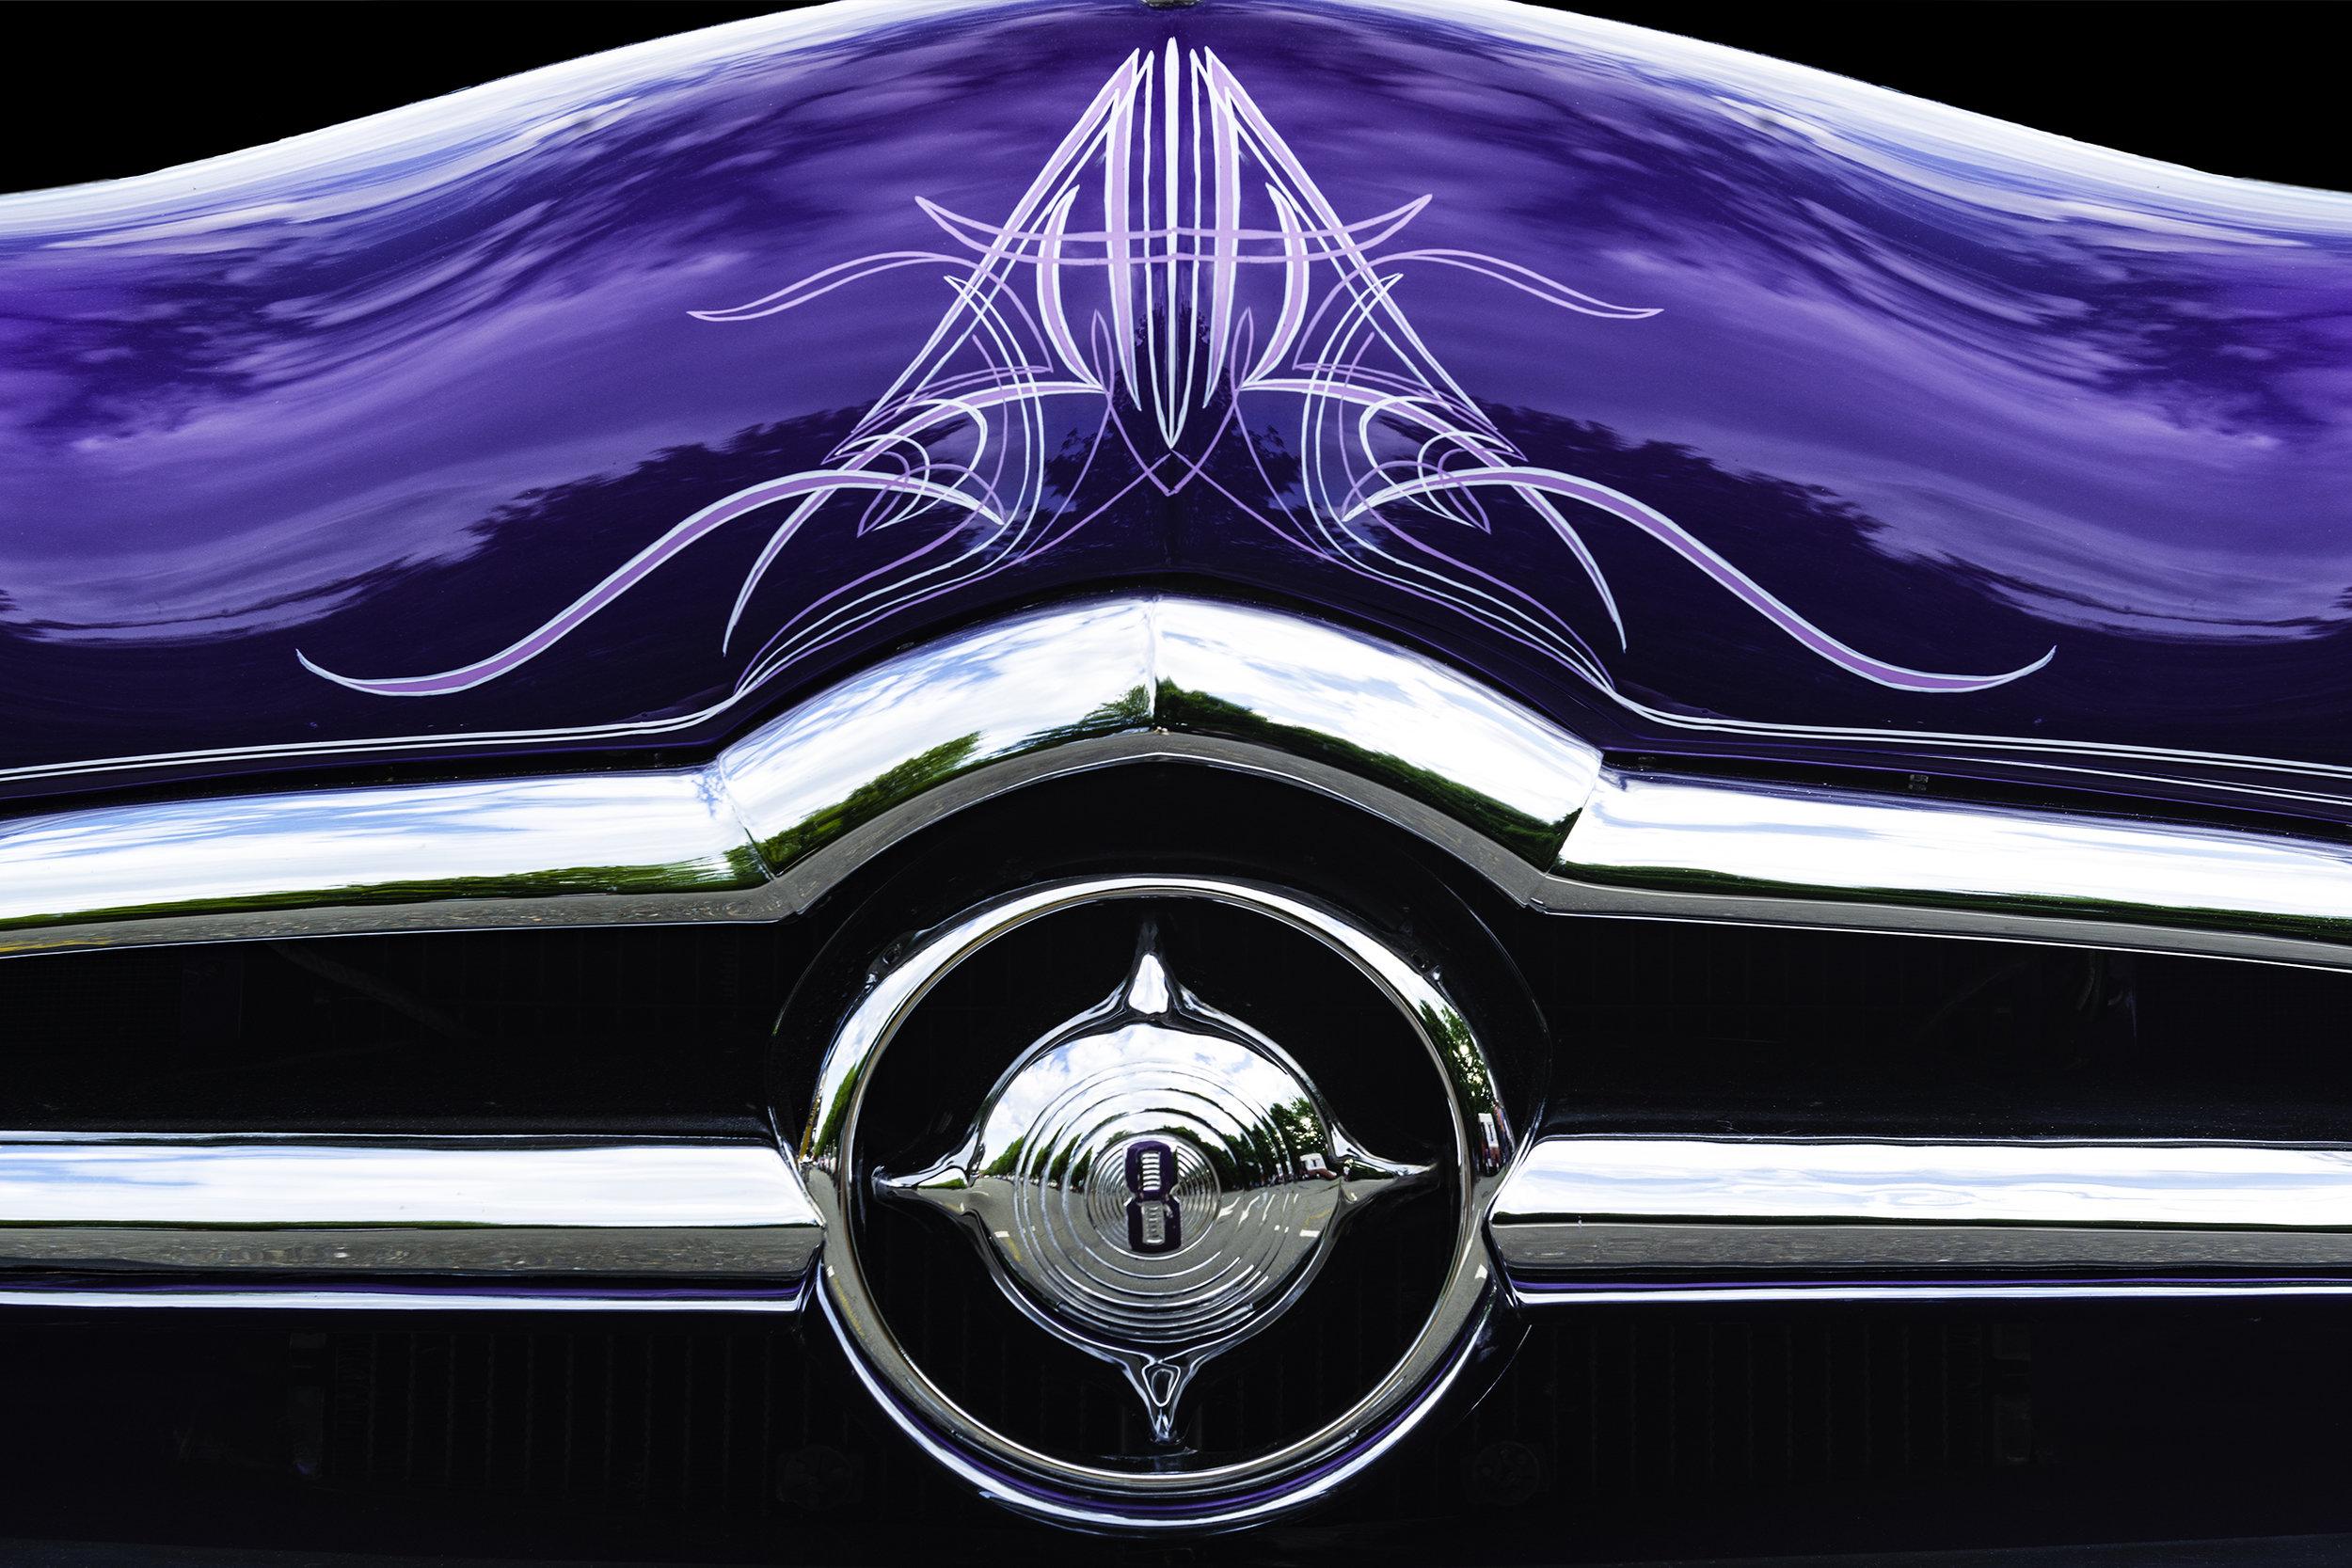 purple 8 b.jpg